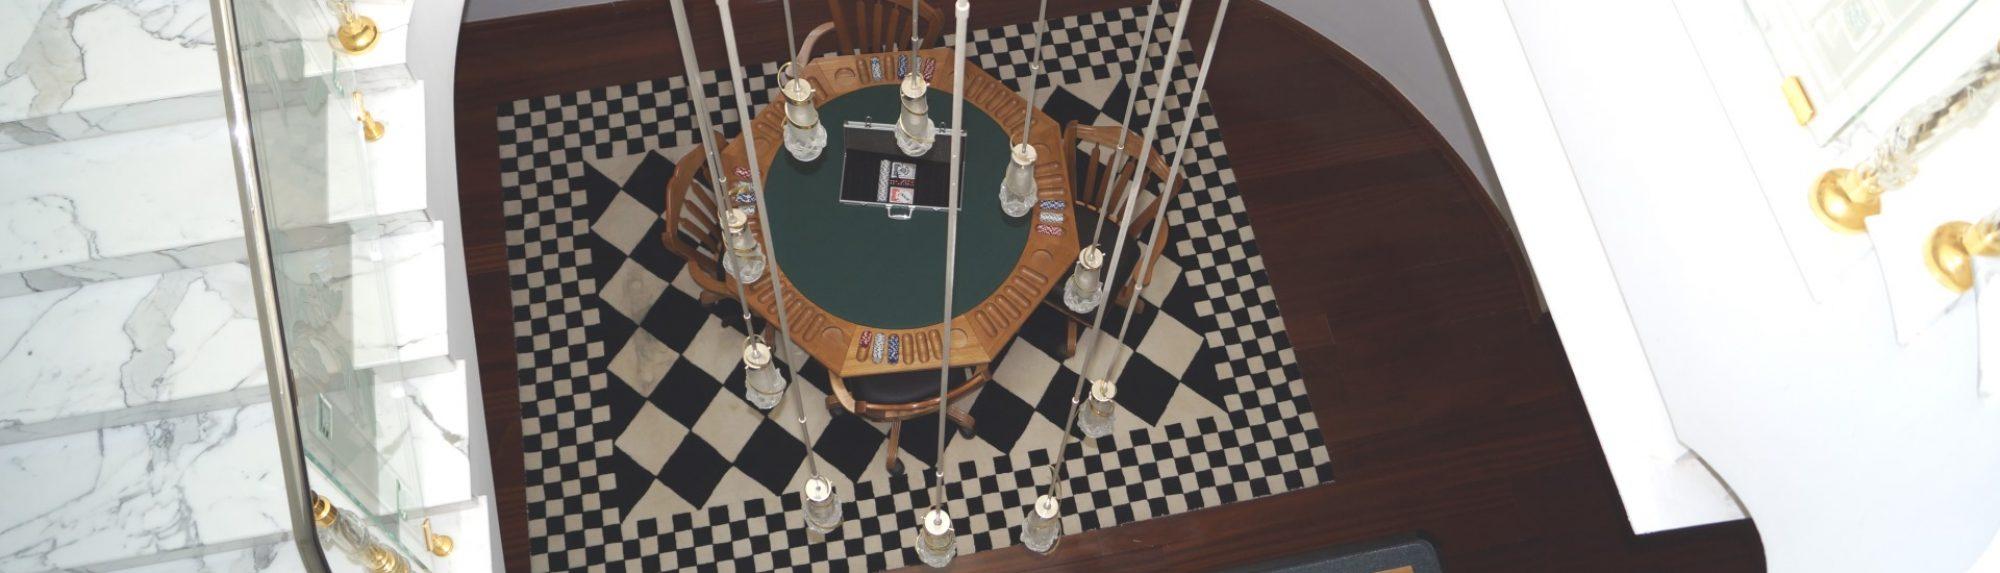 la zagaleta villa games room 5